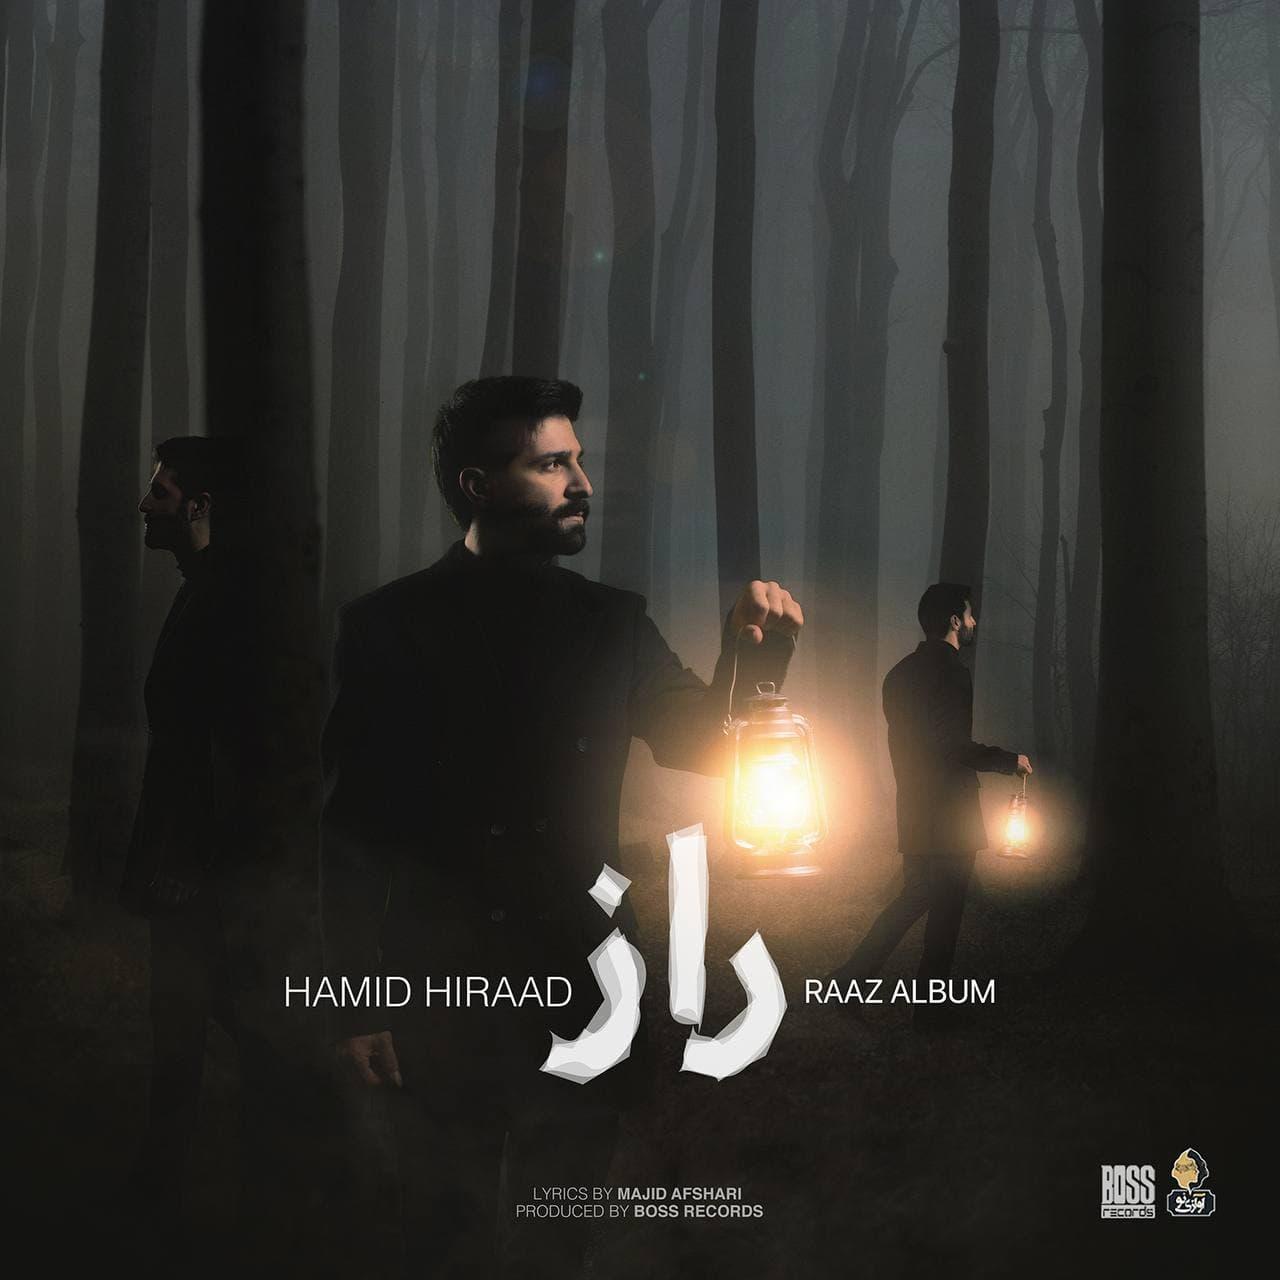 دانلود موزیک جدید راز از حمید هیراد